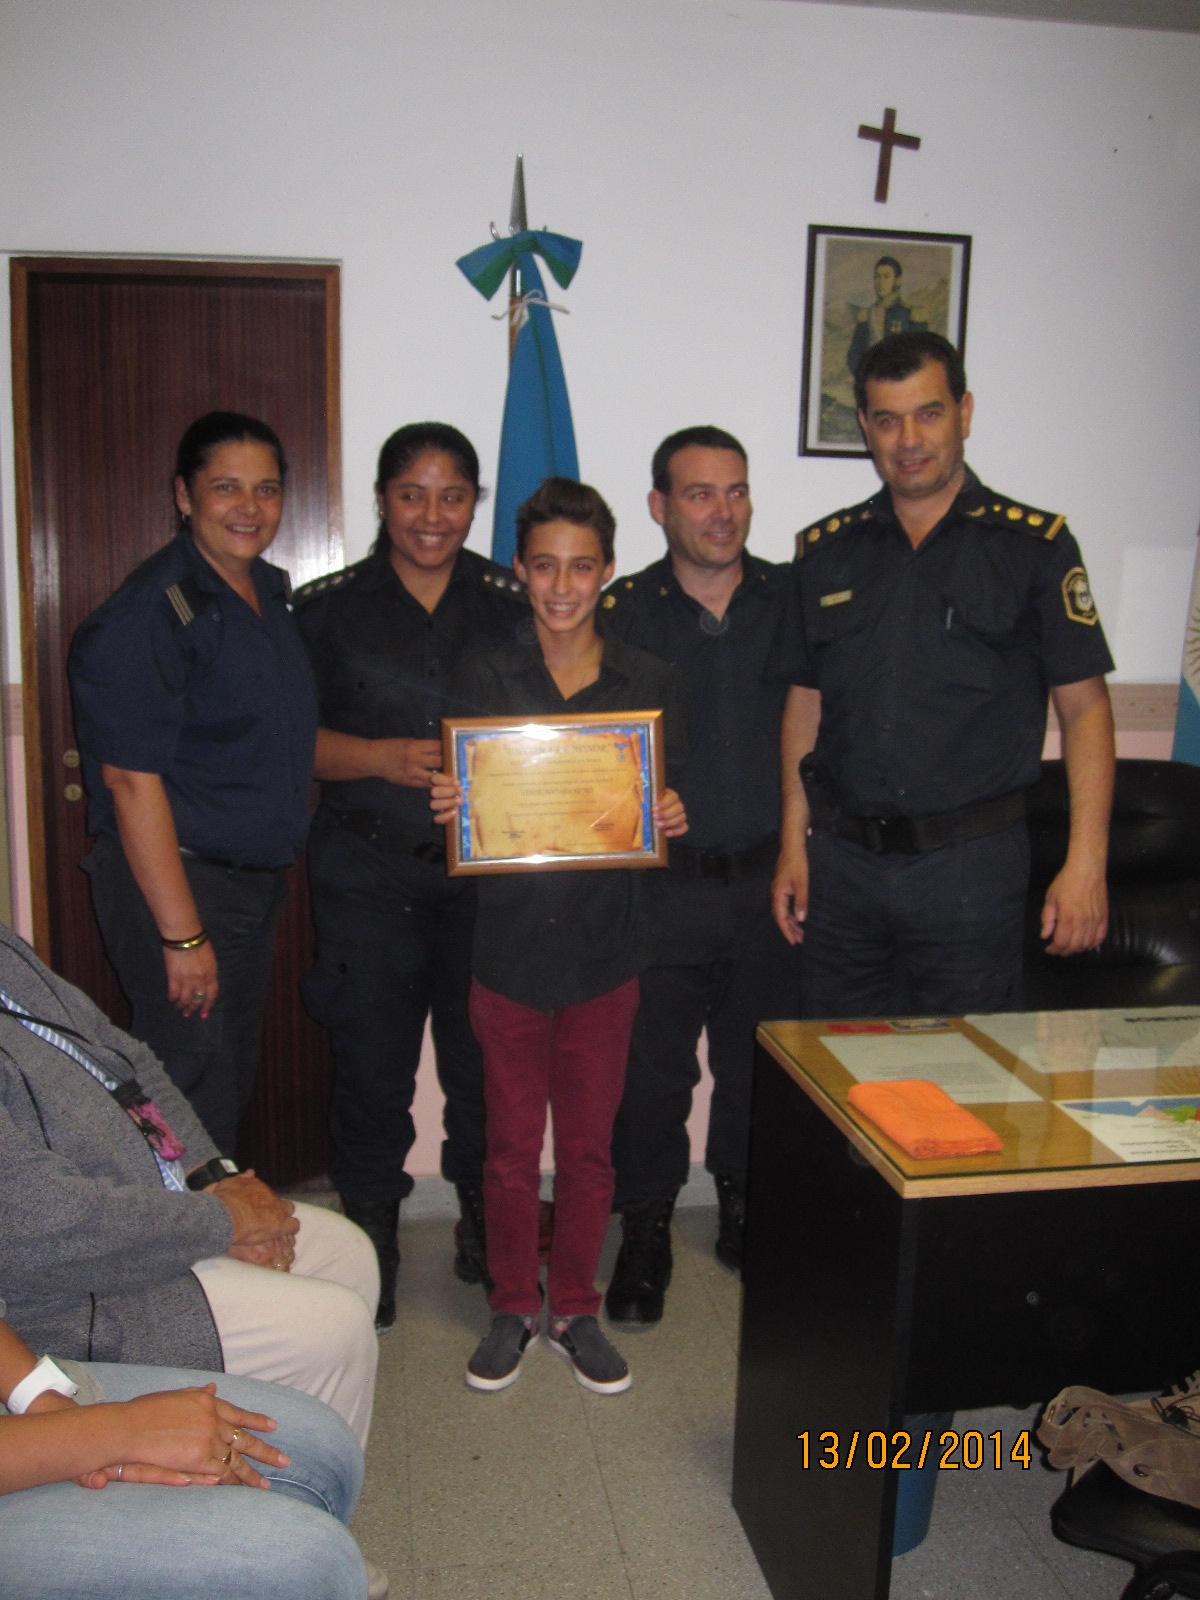 Reconocimiento a Matías Castro por parte de la Policía Comunal General Paz